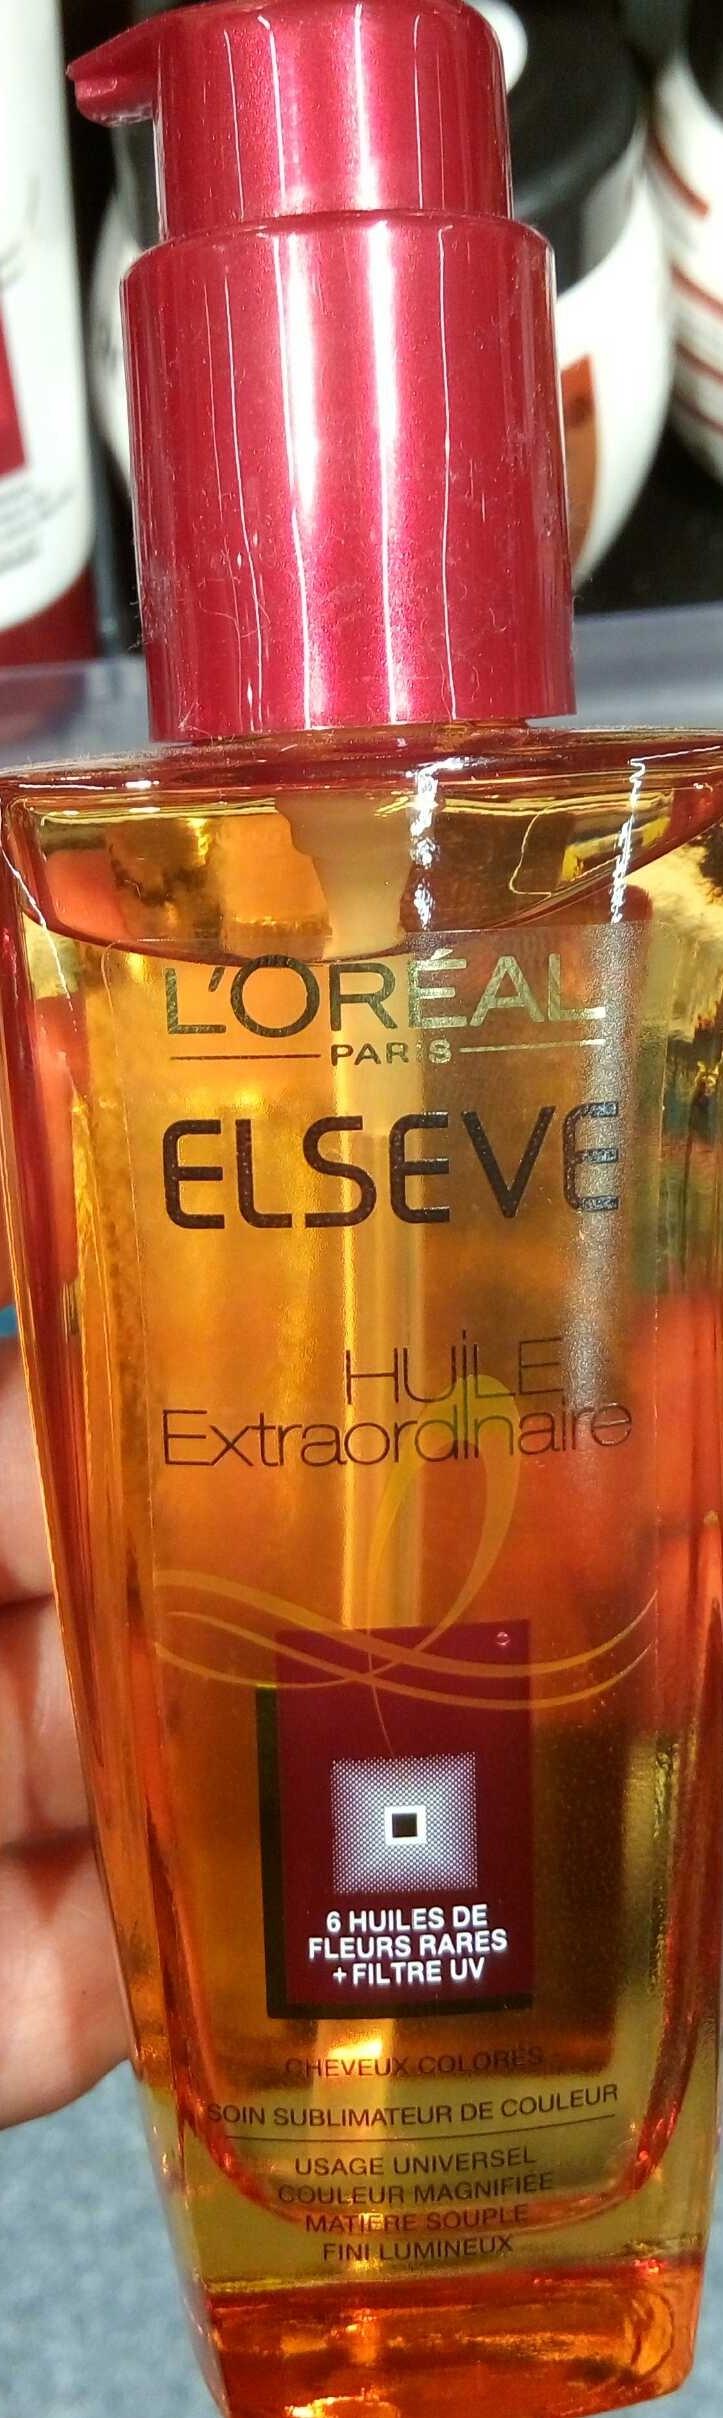 Huile Extraordinaire cheveux colorés - Product - fr